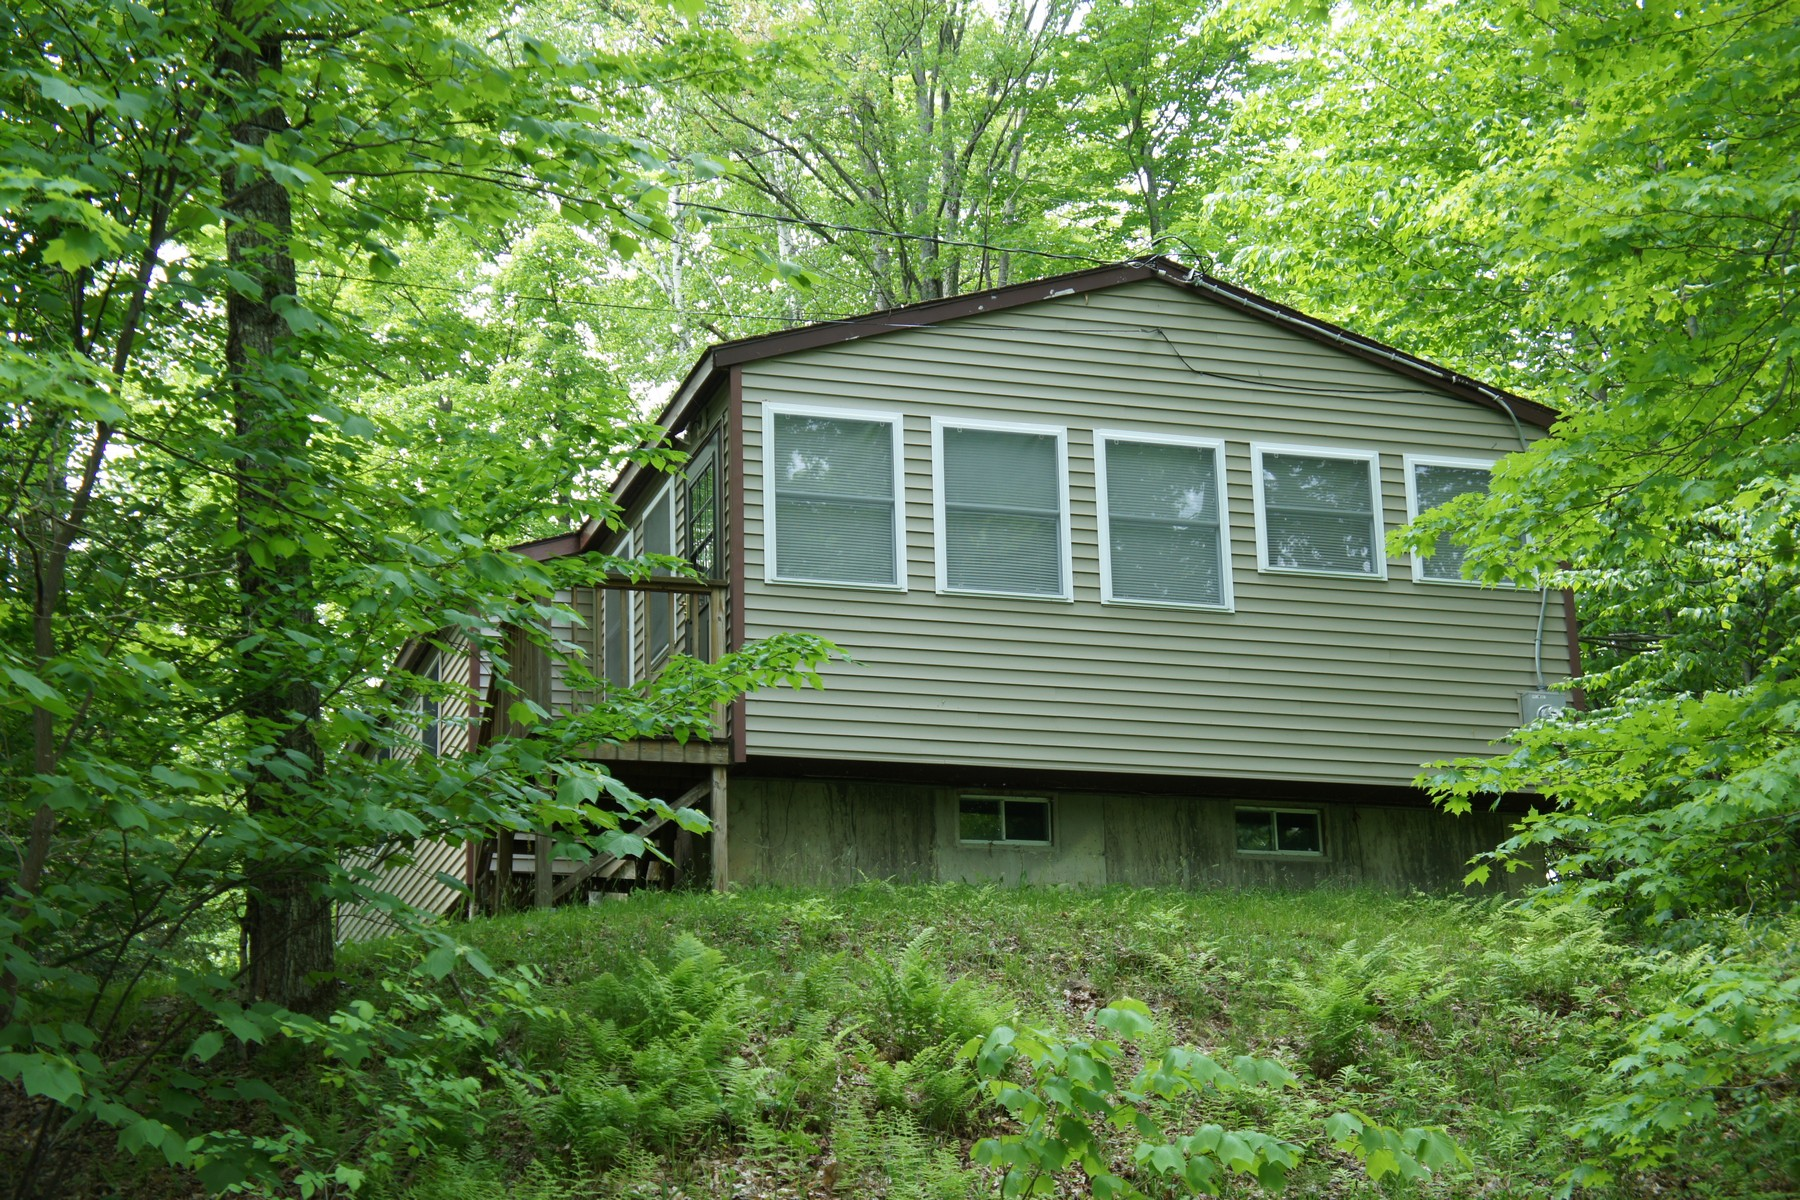 Частный односемейный дом для того Продажа на 167 Point Rd., Elmore Elmore, Вермонт, 05657 Соединенные Штаты